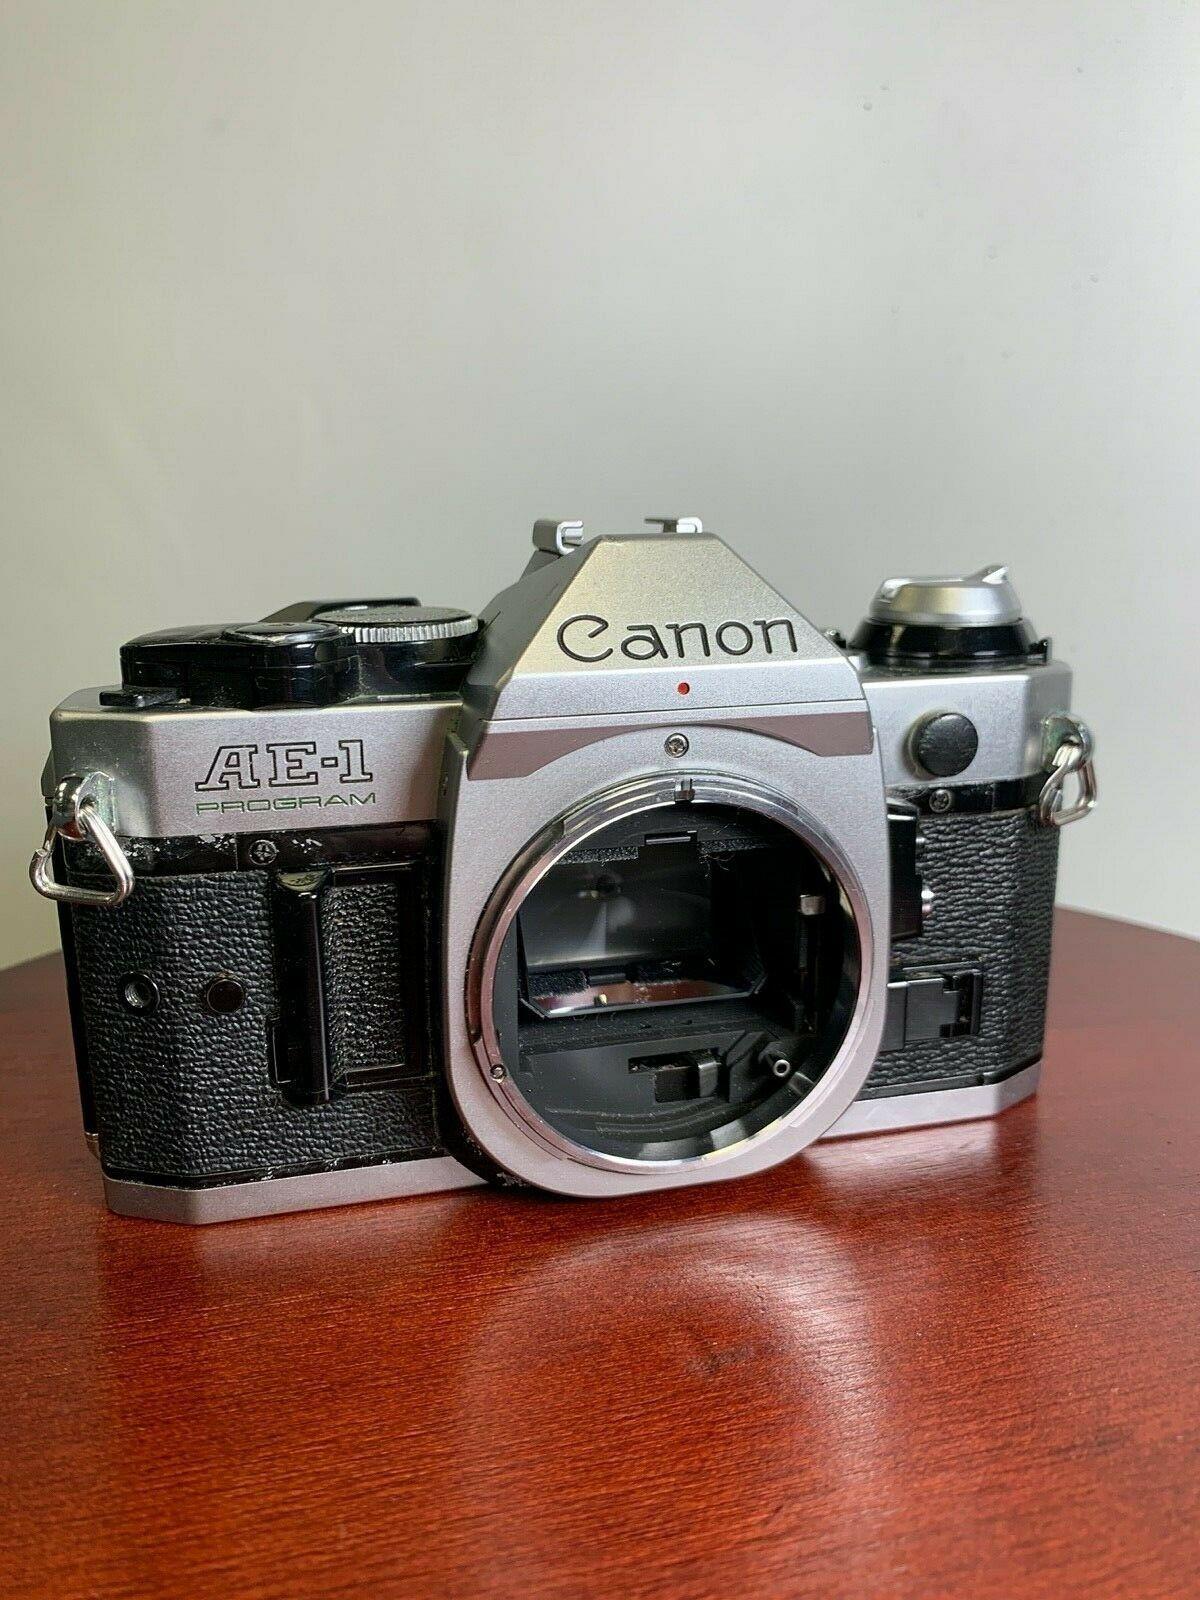 Canon AE 1 Programm Kameragehäuse - IB507